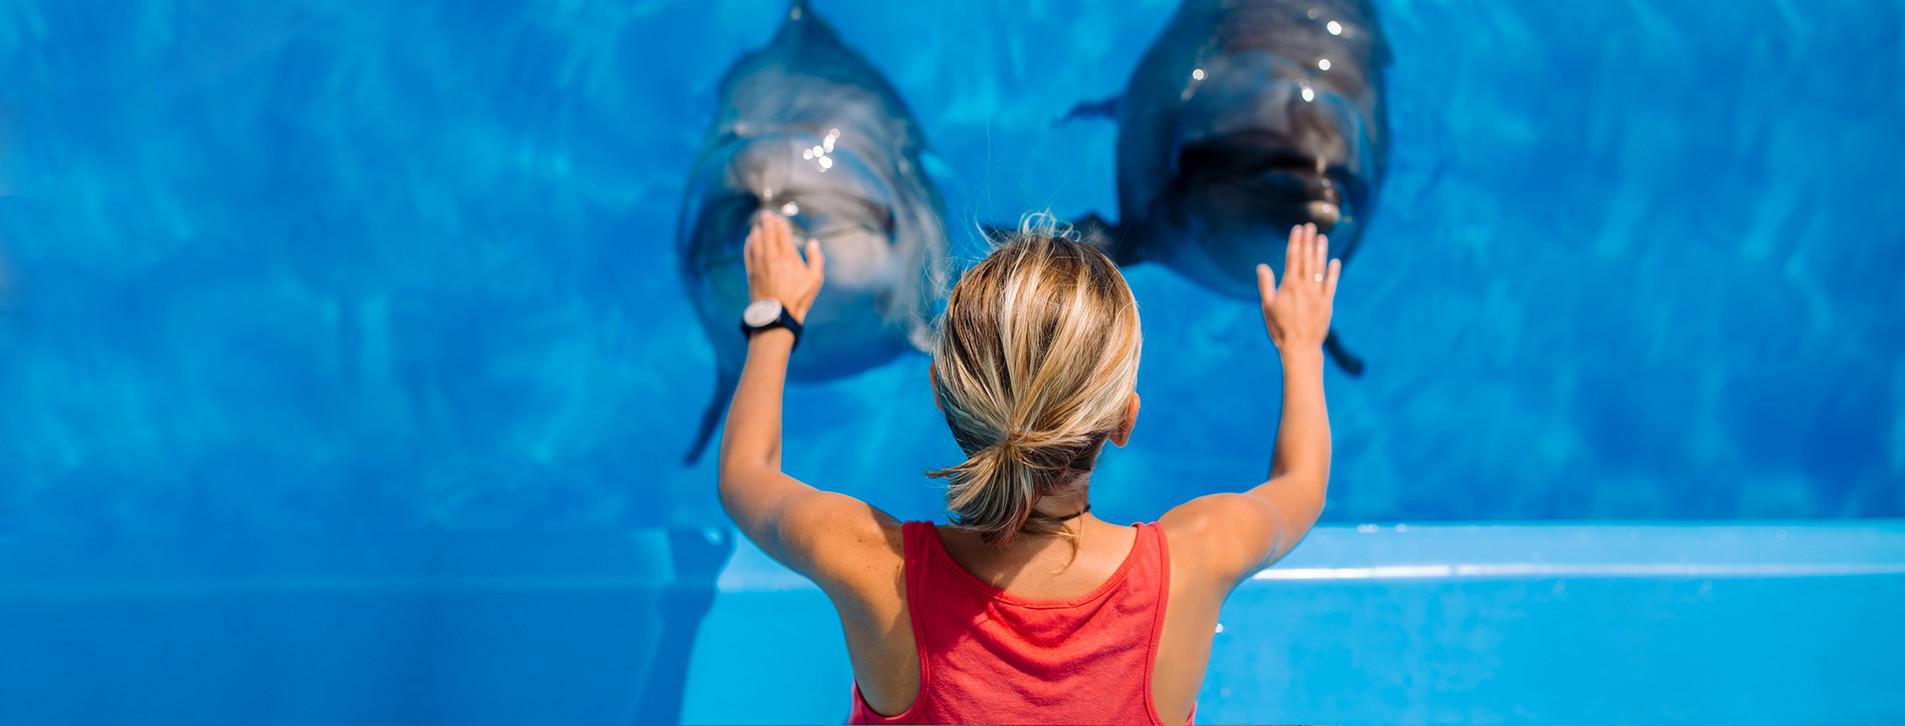 Фото - Тренировка с дельфинами для двоих